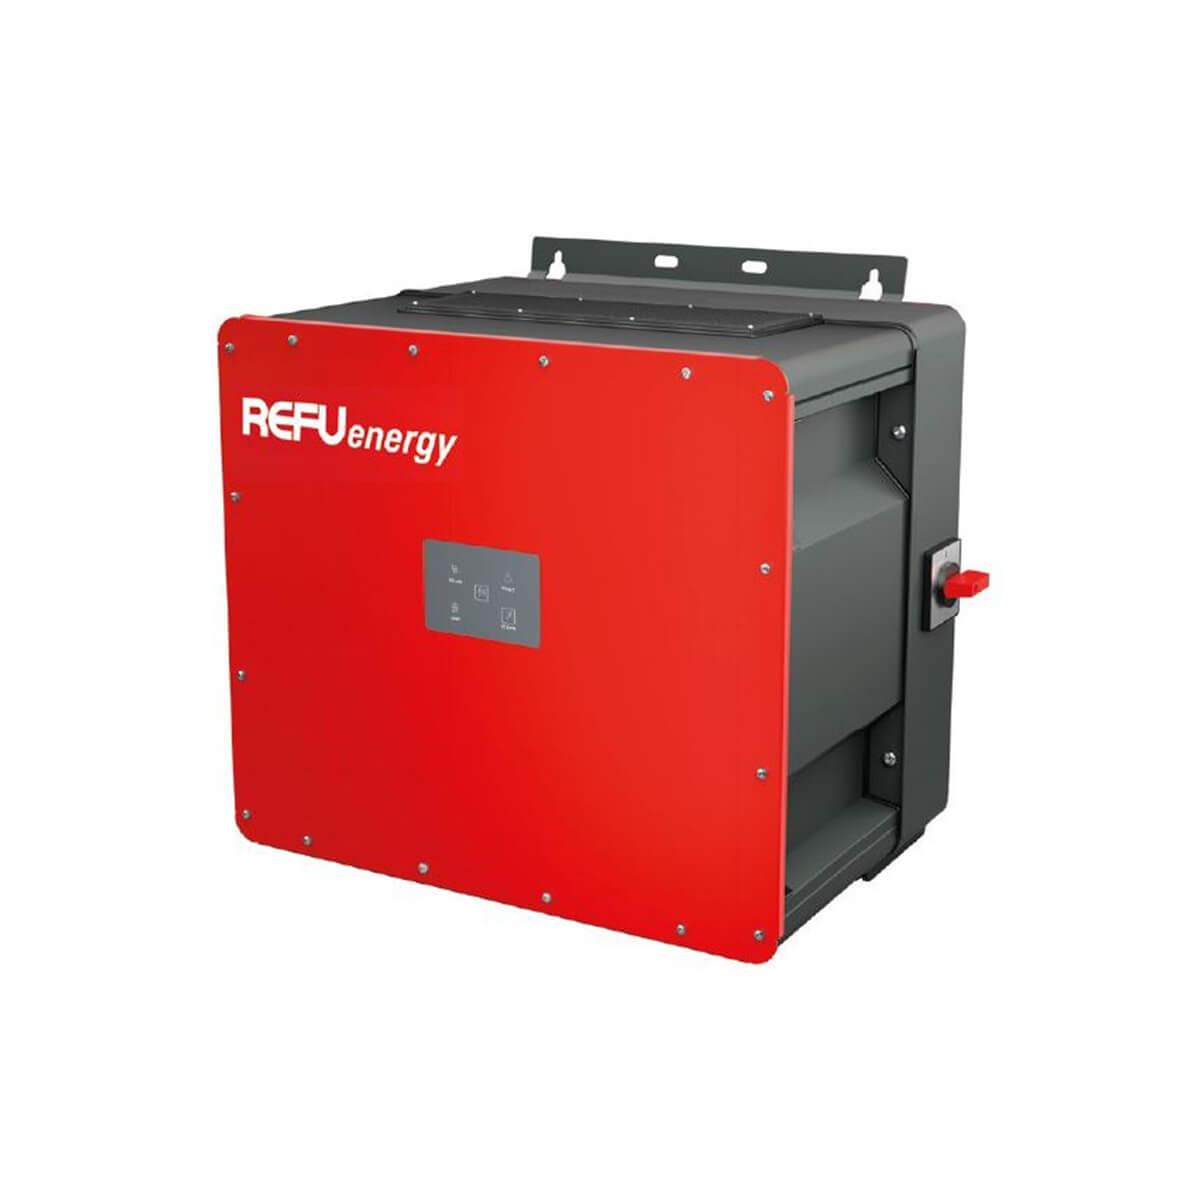 refusol 50kW inverter, refusol 50k 50kW inverter, refusol 50k 50kW 400 V inverter, refusol 50k 50kW 400 V, refusol 50 kW, REFUSOL 50K 50kW 400V İNVERTER